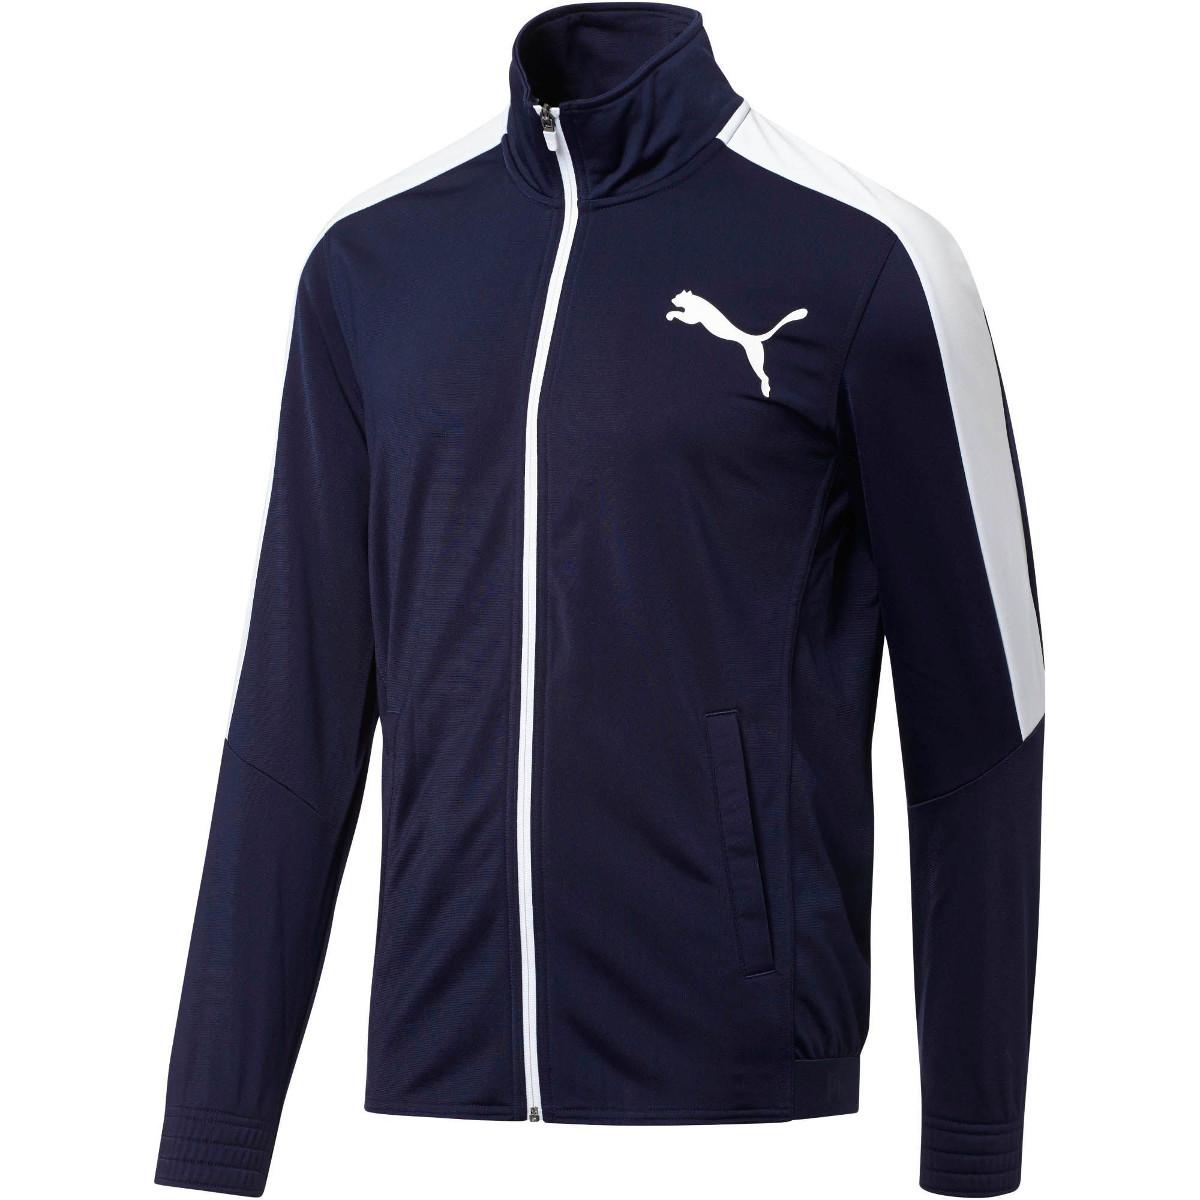 Puma Men's Contrast Track Jacket - Blue, XL